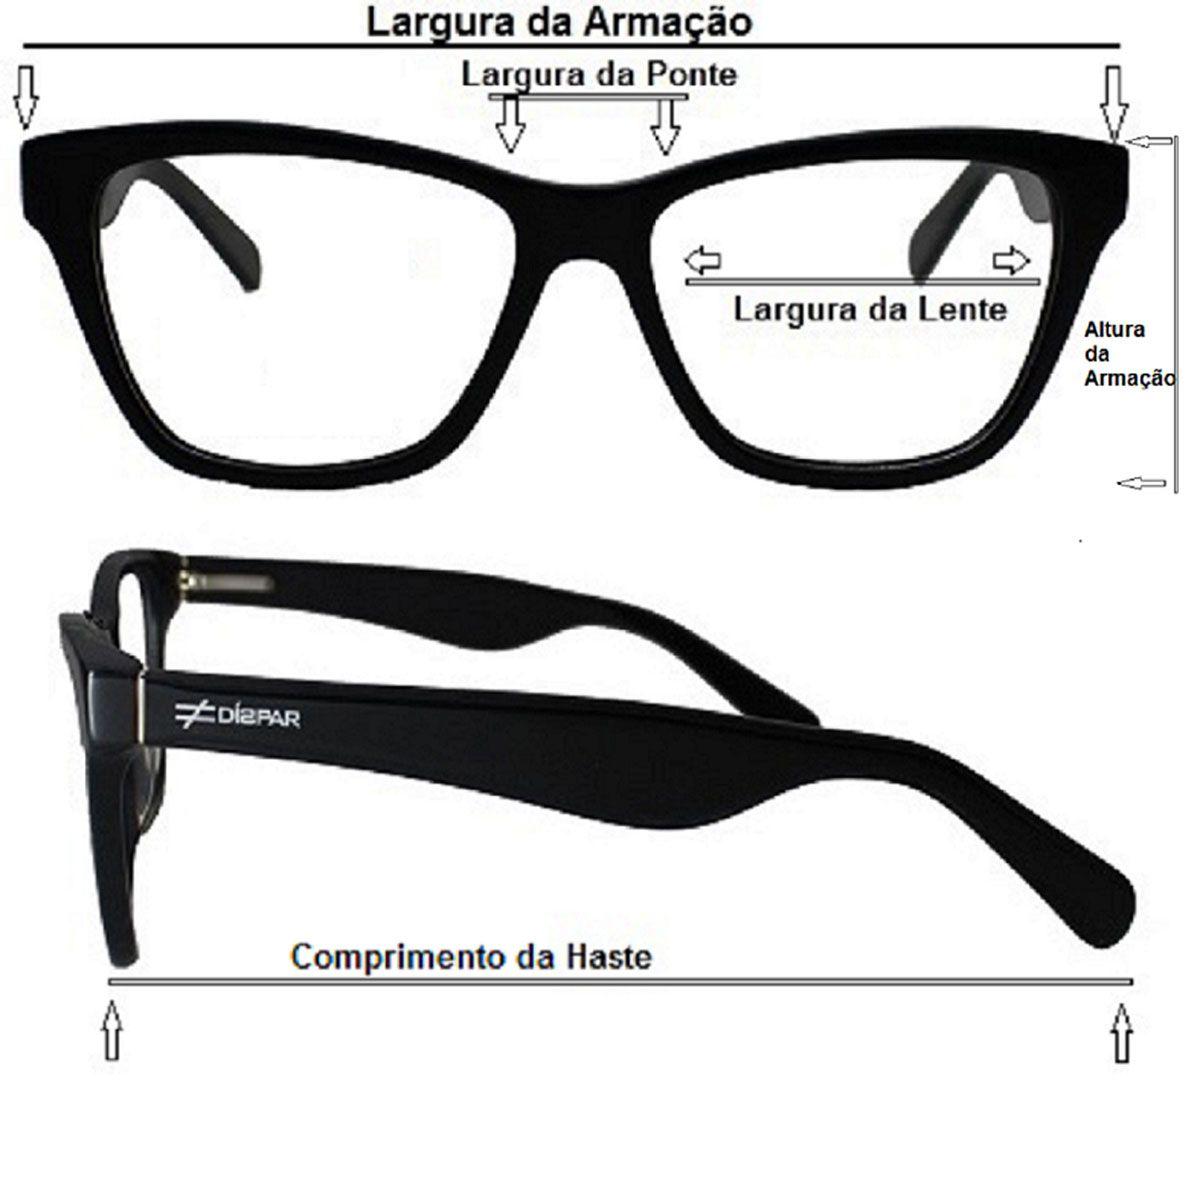 Óculos De Sol Díspar D2250 Vintage Proteção Lateral - Lentes Polarizadas - Dourado